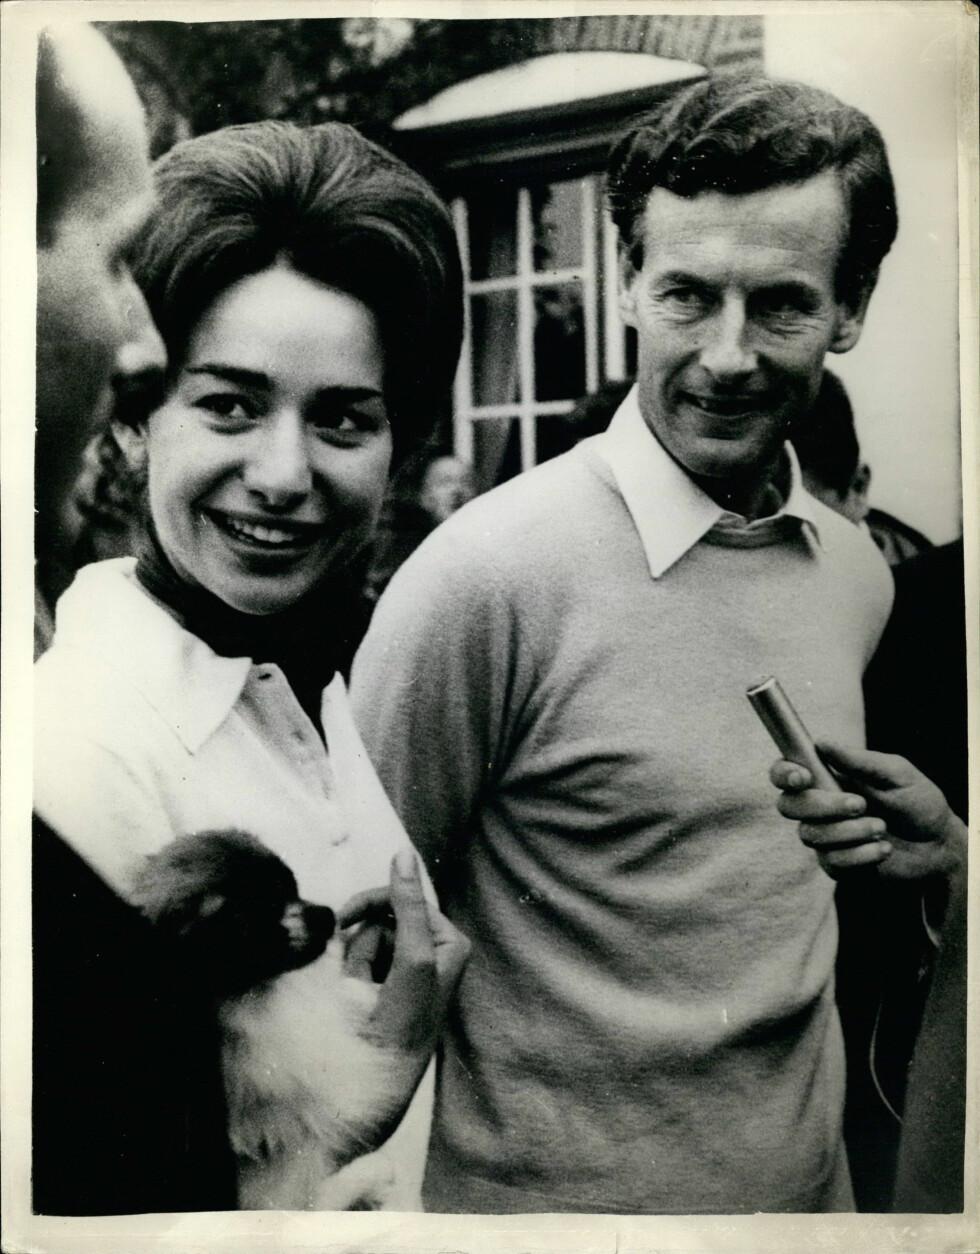 GIFTET SEG MED TRO KOPI AV MARGARET: I 1959 giftet Peter Townsend seg med sin sekretær - den 20 år gamle belgiske kvinnen Marie-Luce Jamagne. Foto: NTB Scanpix